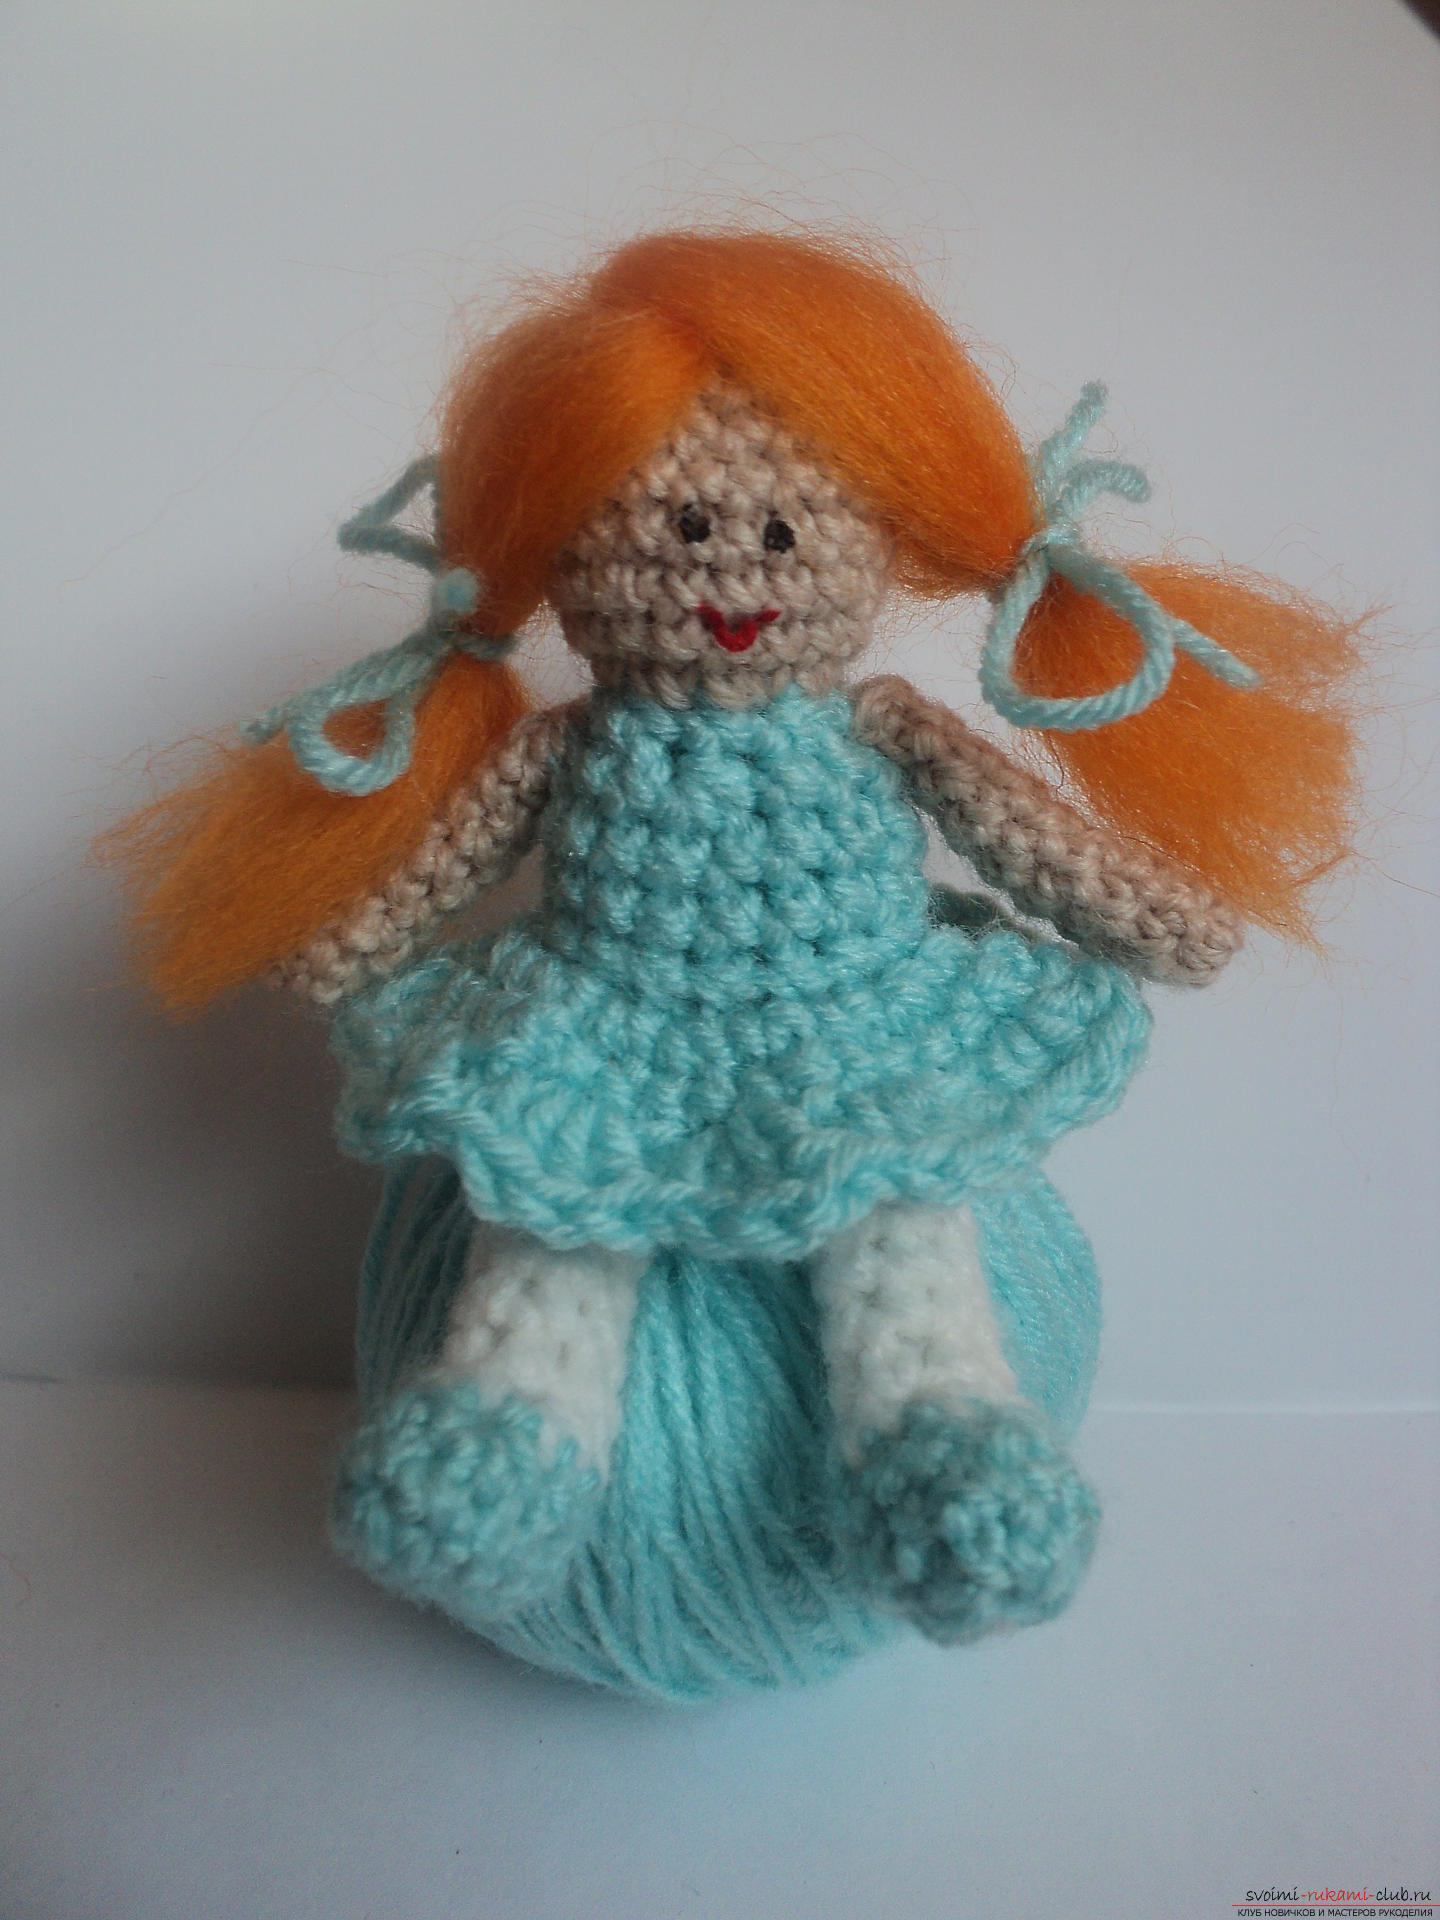 Как связать куклу своими руками фото 226